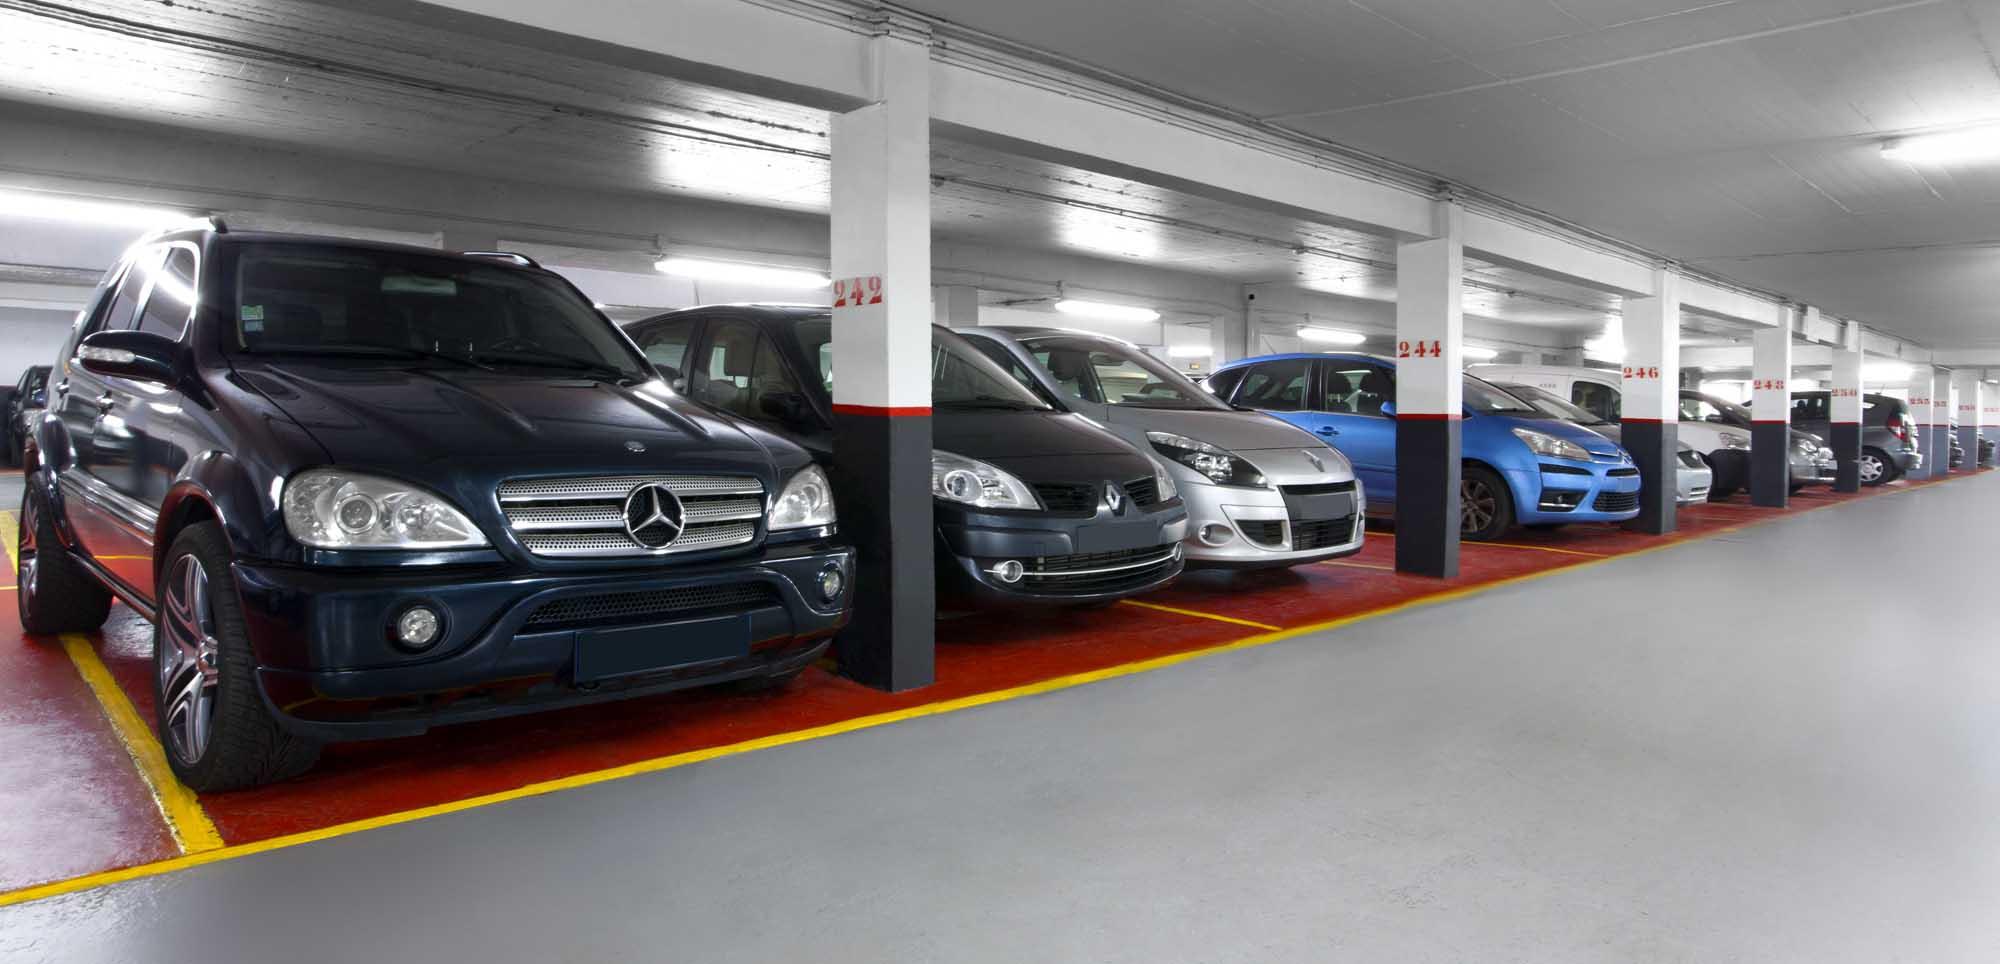 Location parking : que des avantages